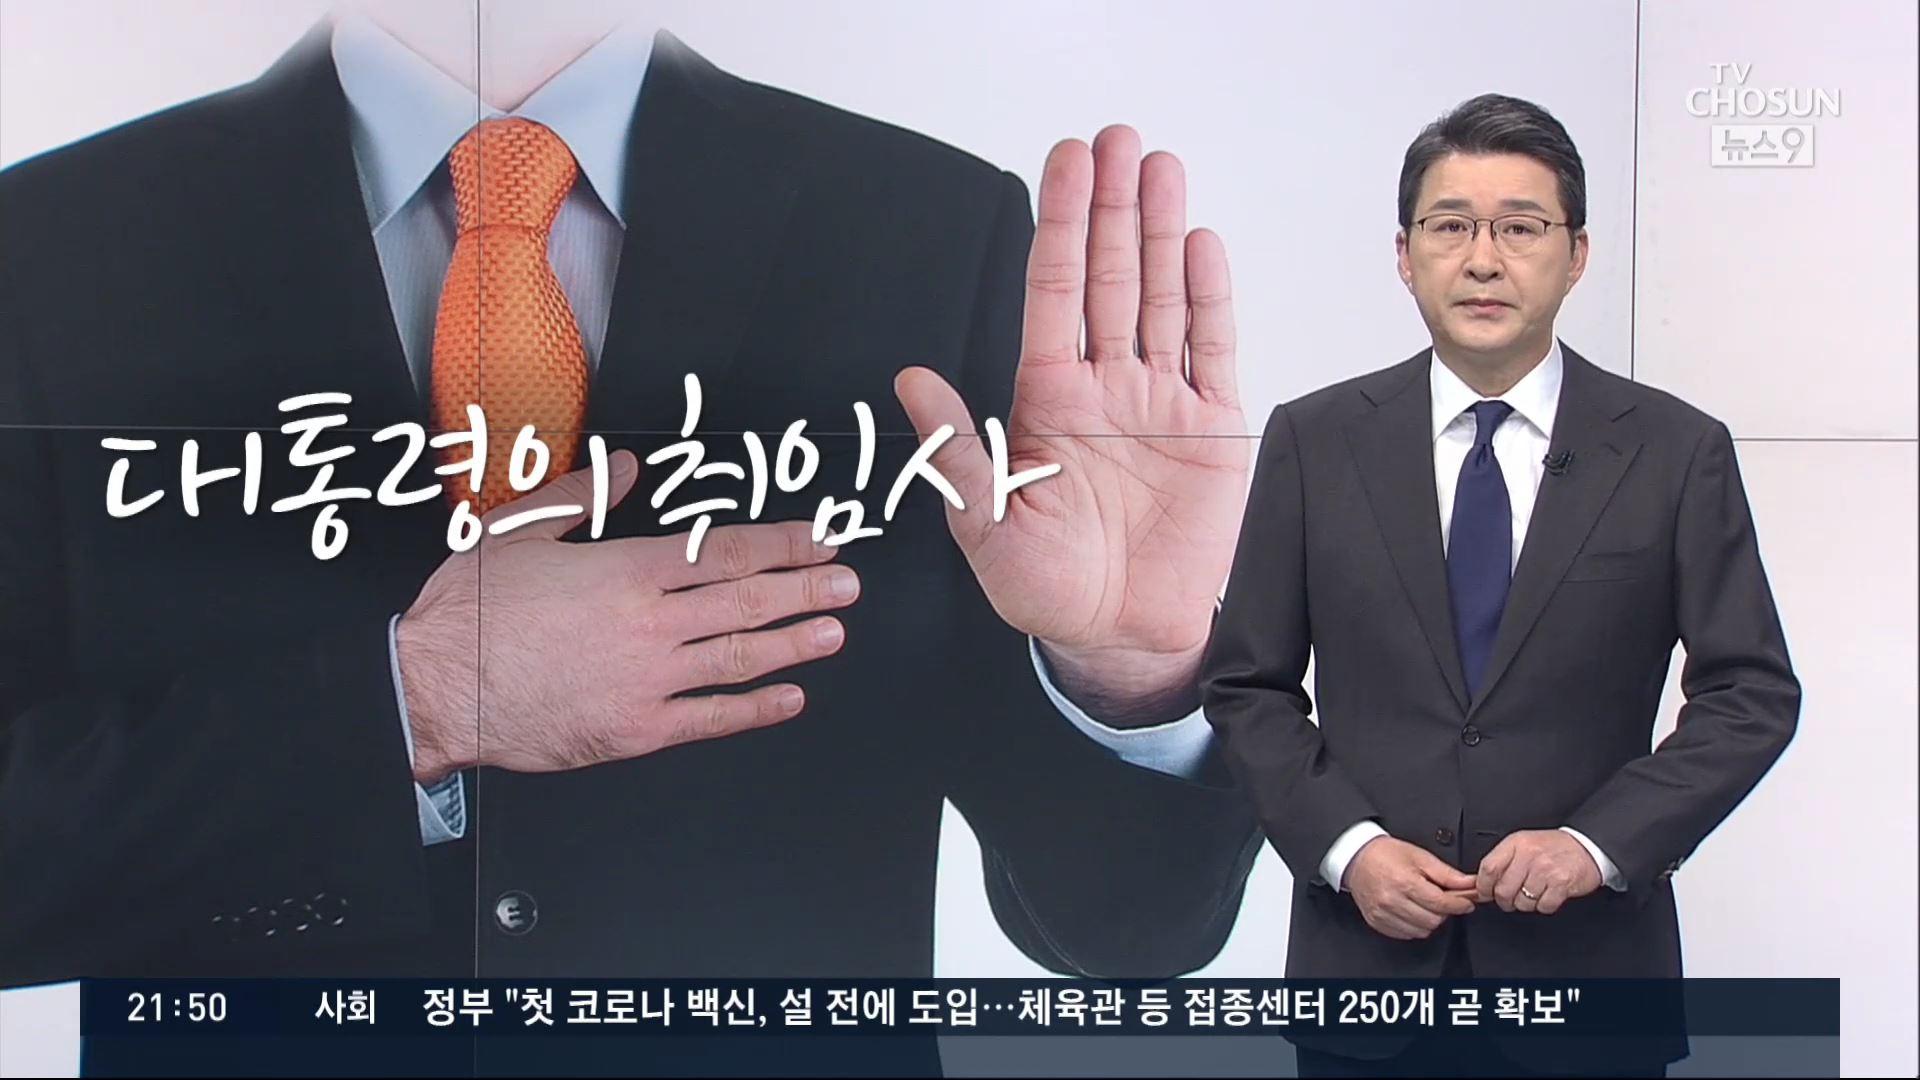 [신동욱 앵커의 시선] 대통령의 취임사